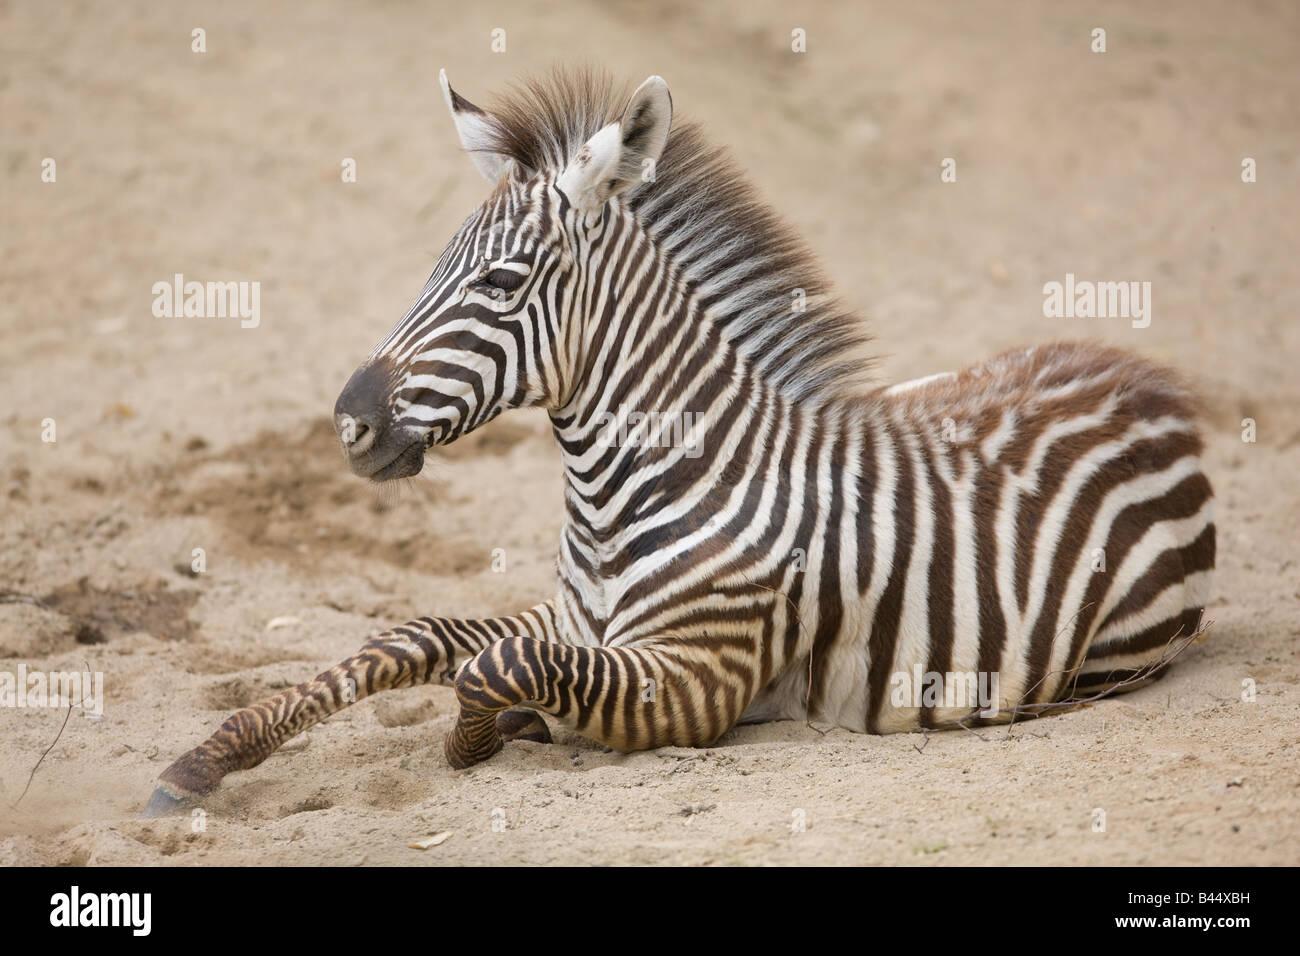 Schön Zebra Farbseiten Ideen - Malvorlagen Von Tieren - ngadi.info